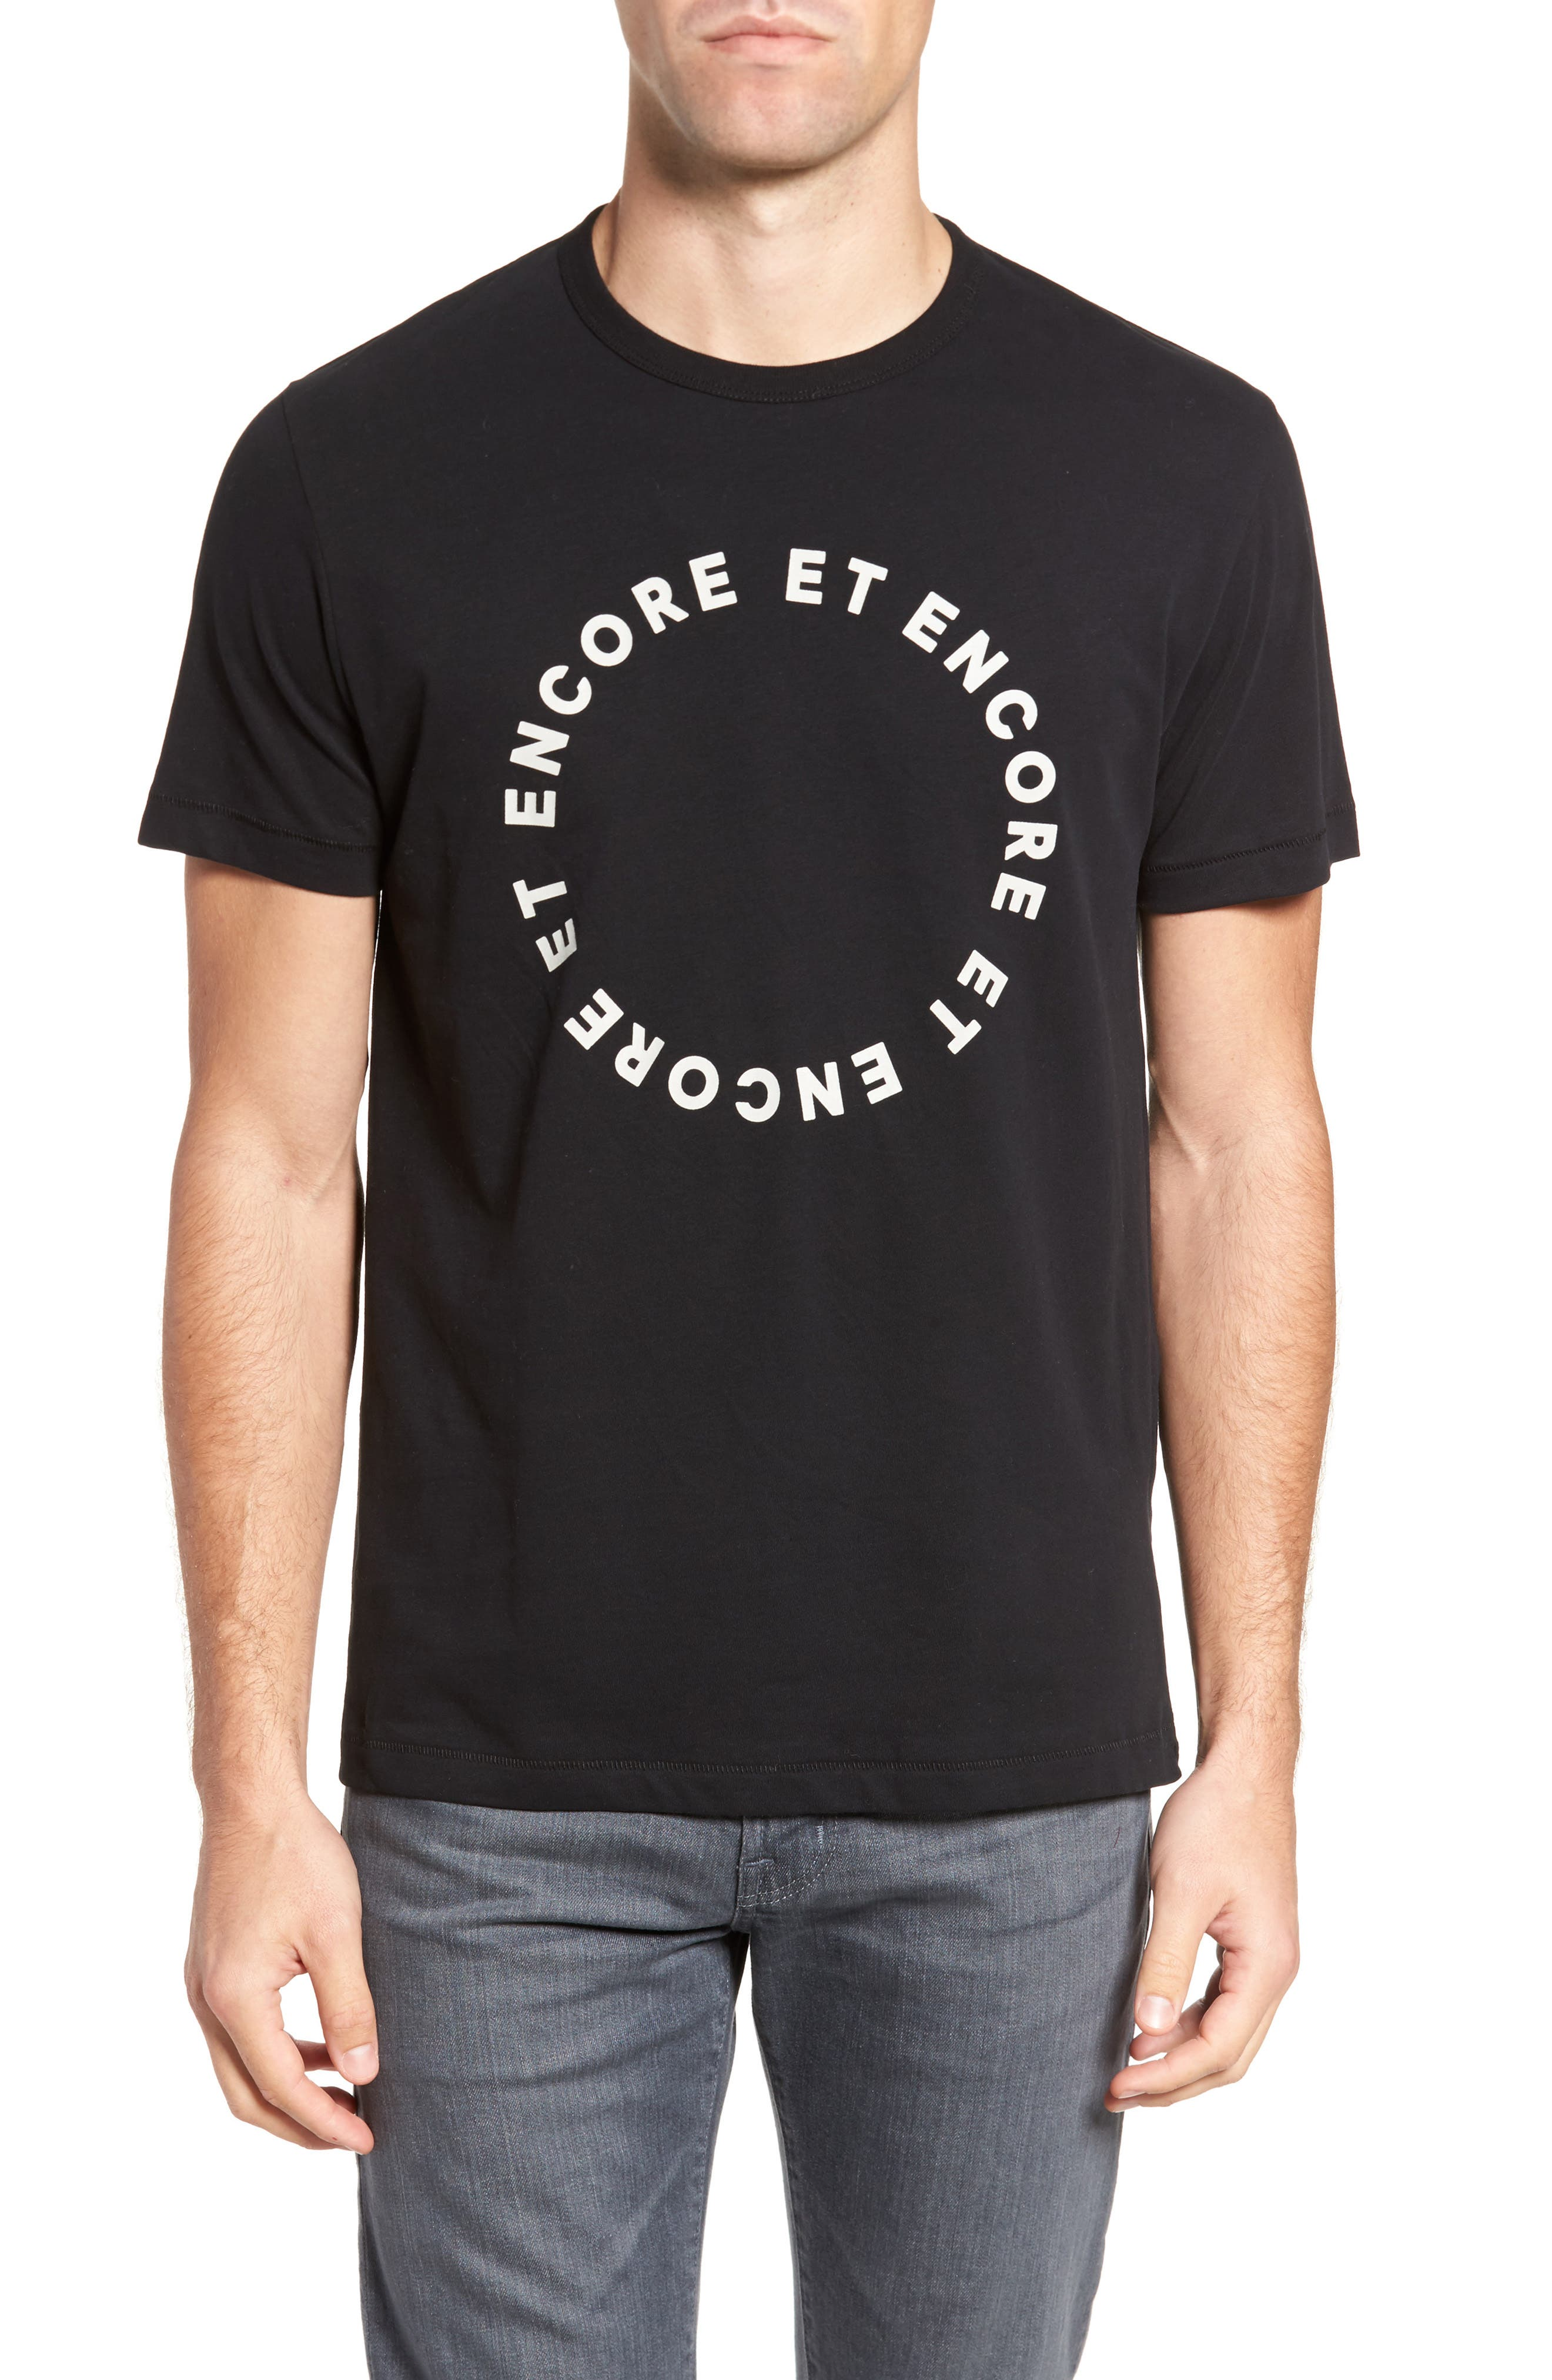 Main Image - French Connection Encore Et Encore Regular Fit T-Shirt